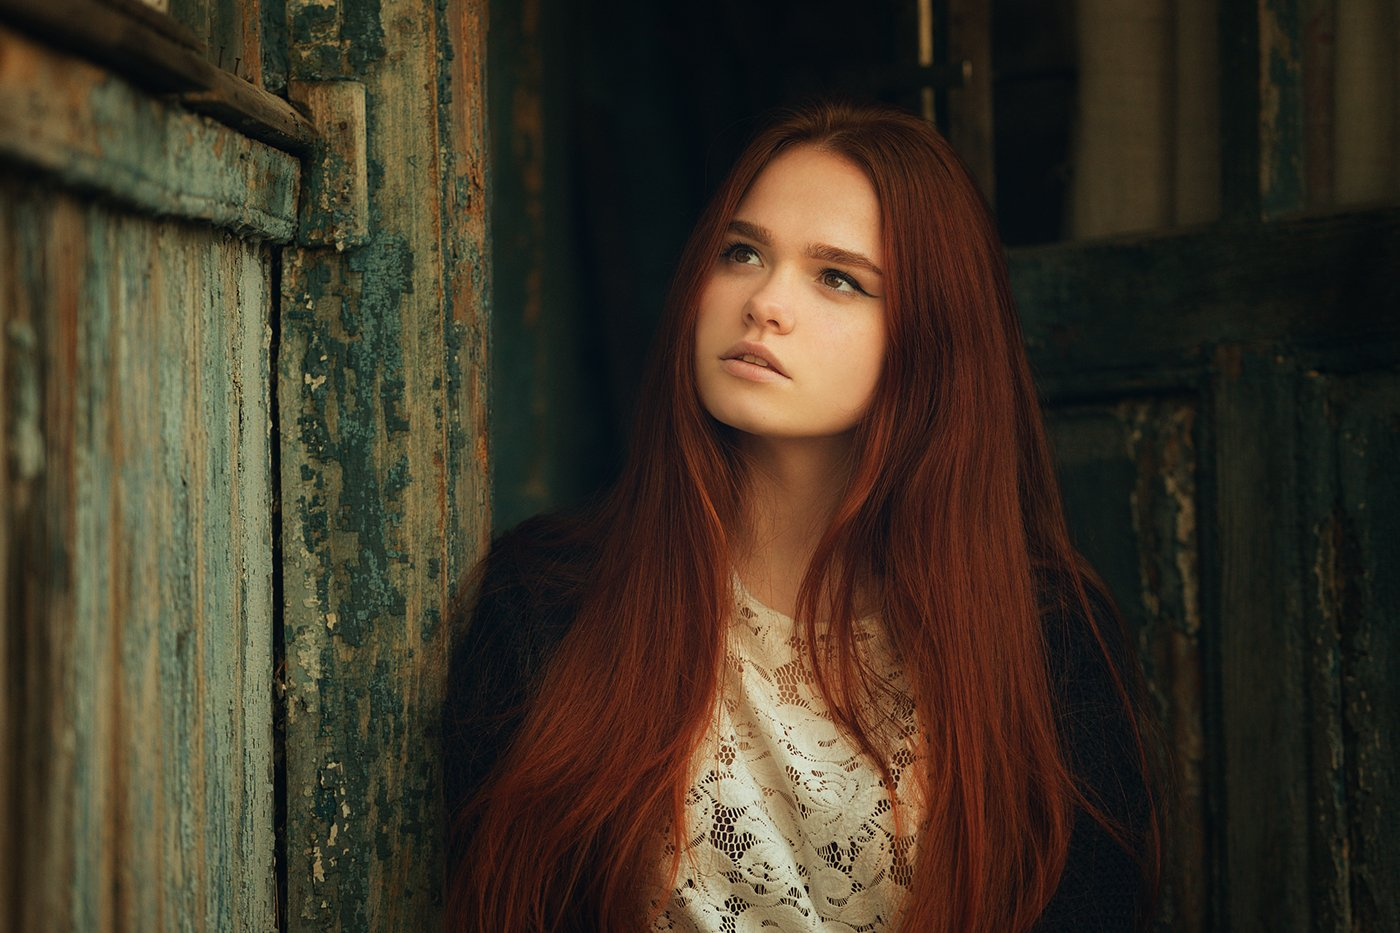 девушка, портрет, Вьюшкин Игорь